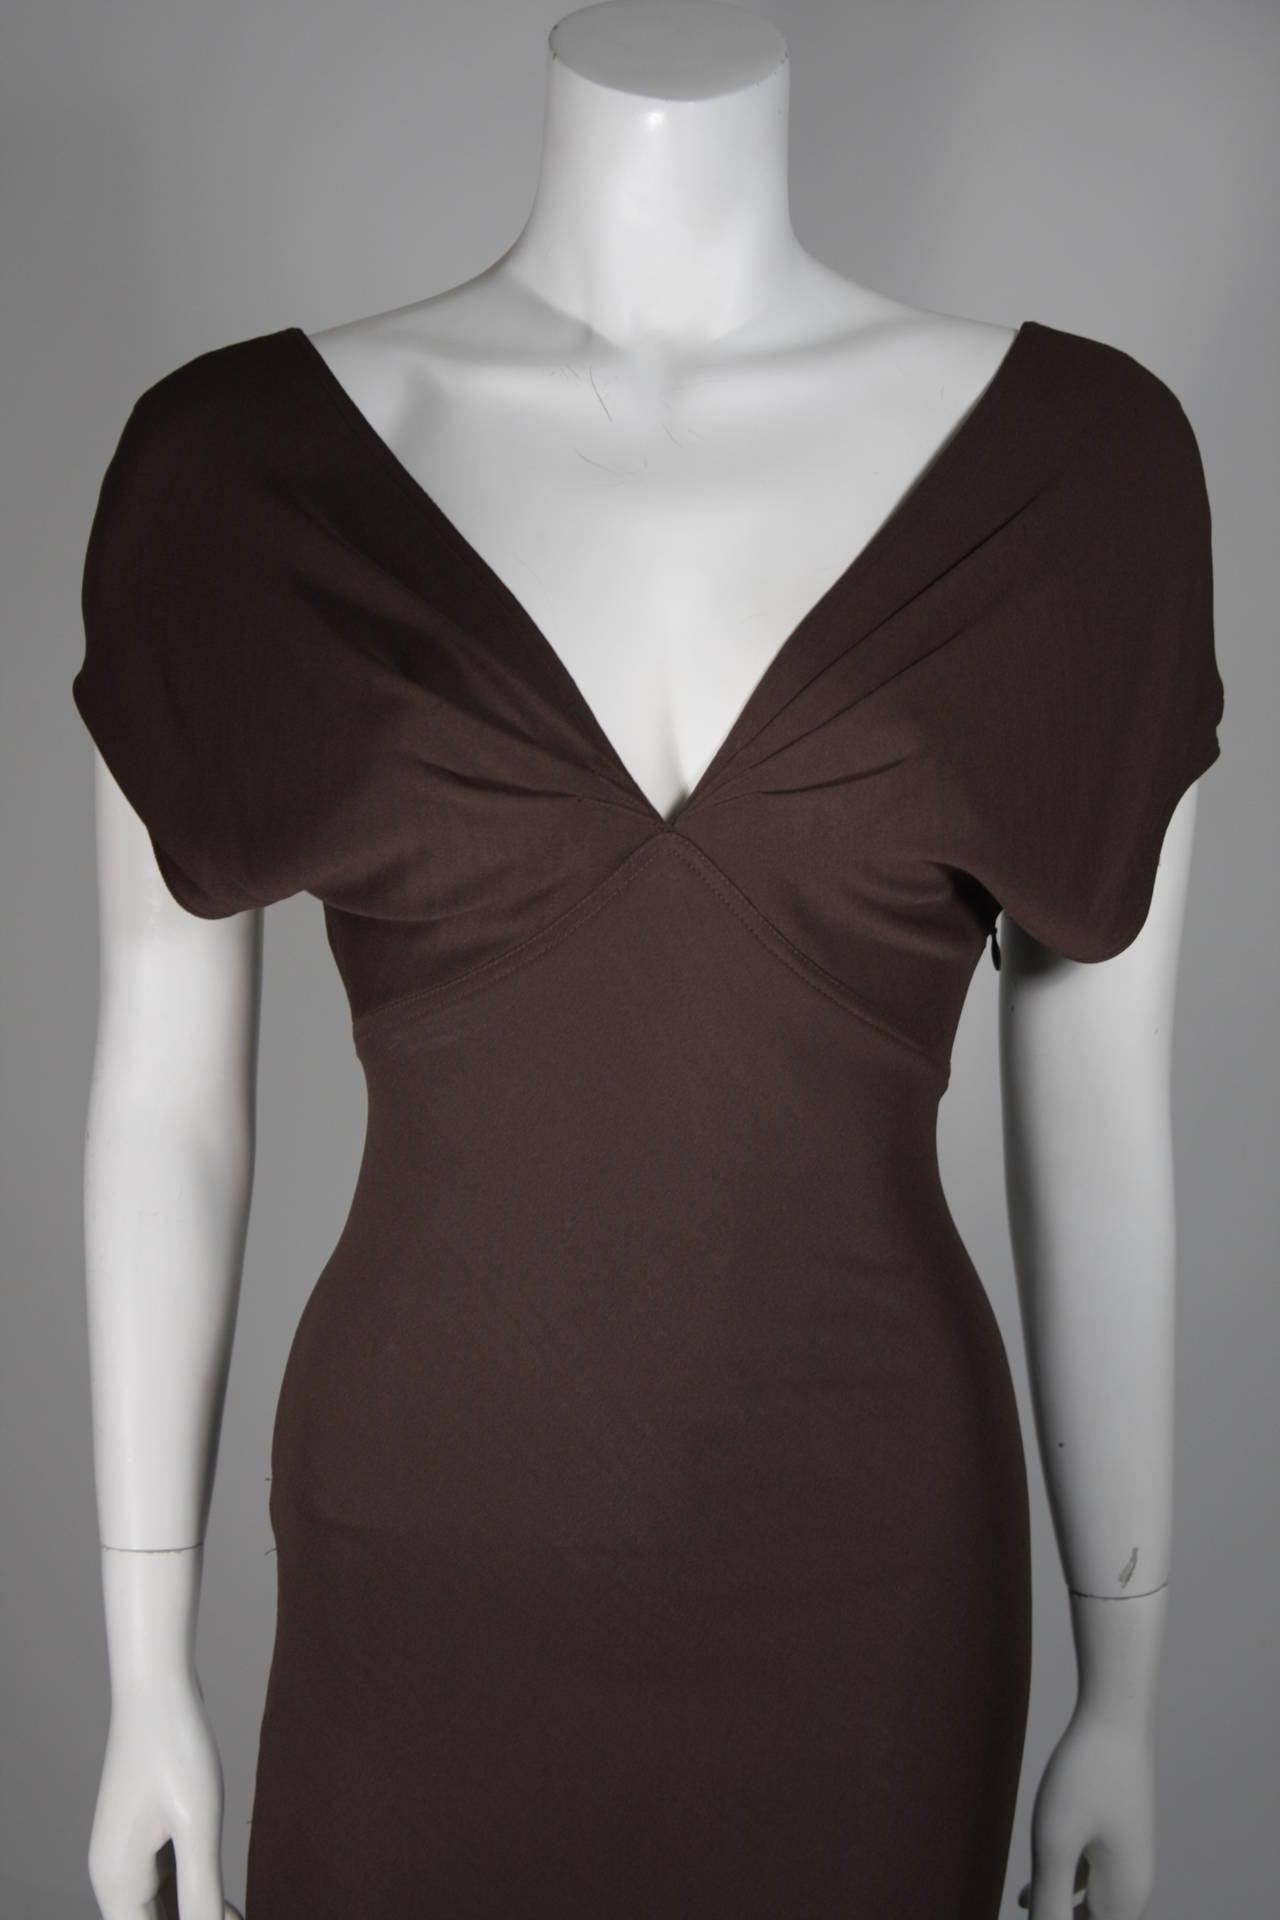 Emanuel Ungaro 1990's Brown Jersey Gown Size 8 3